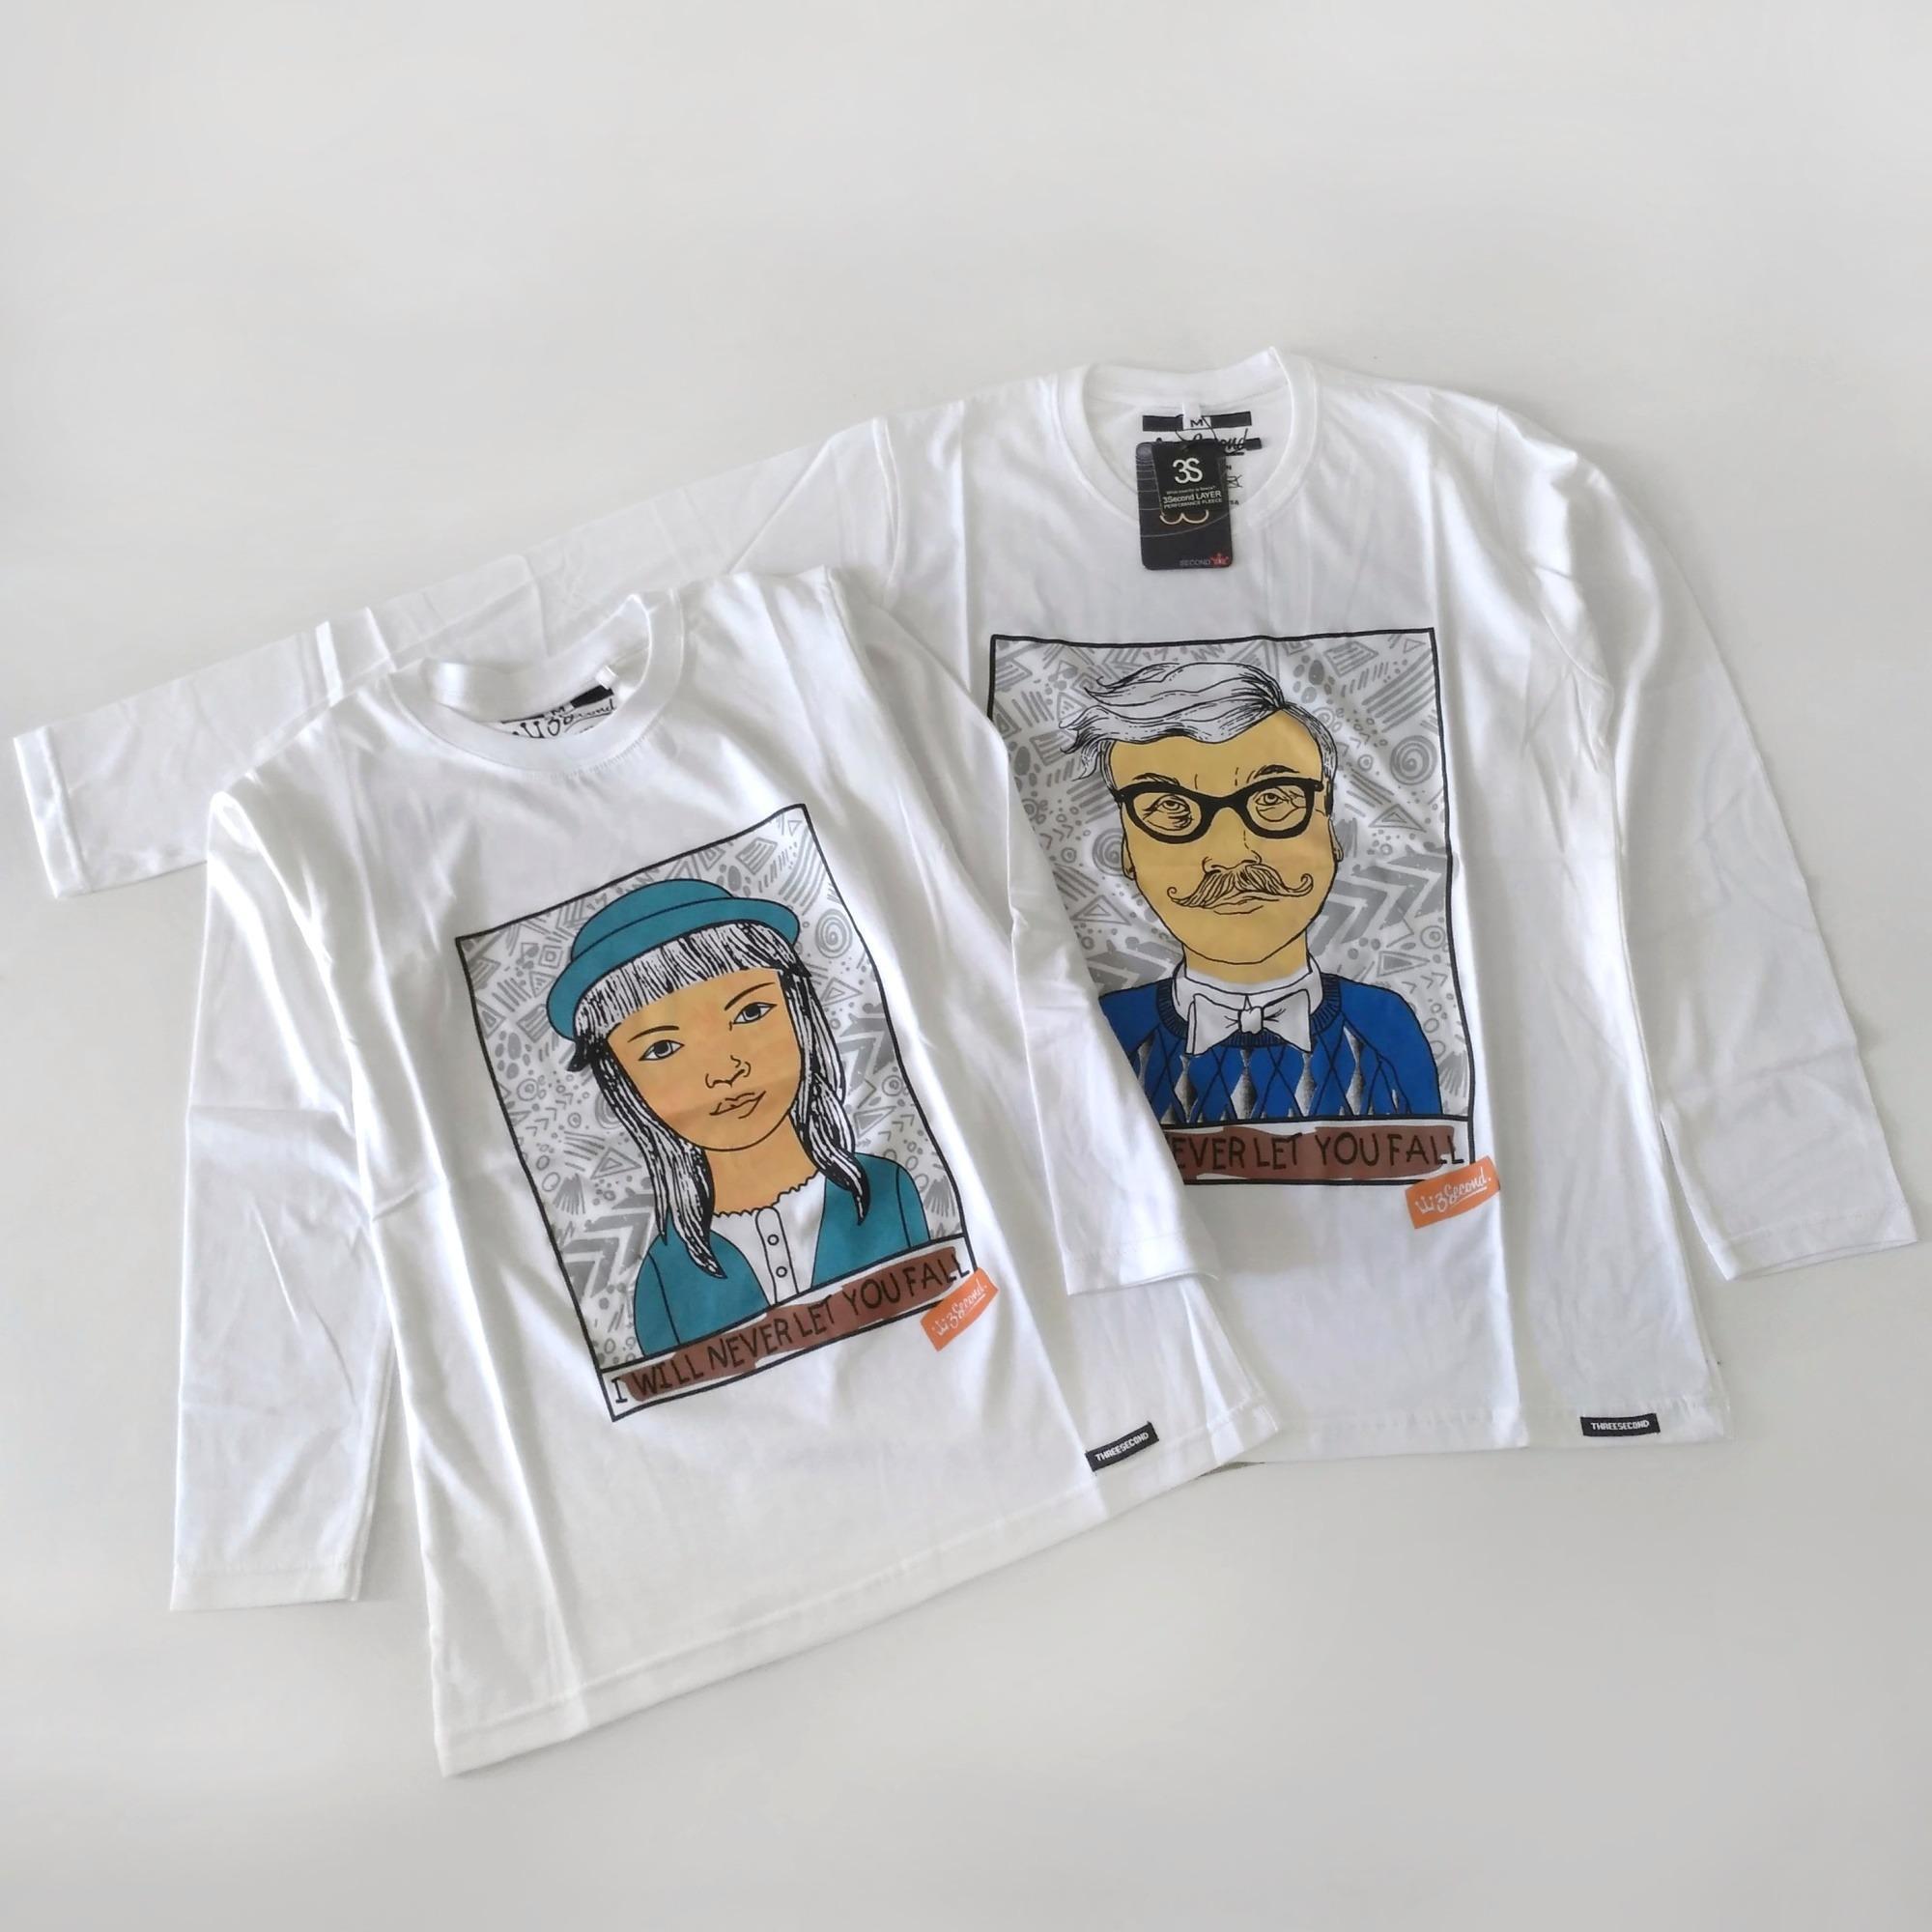 Kaos Couple 3Second Lengan Panjang Warna Putih/ Baju Couple Pasangan/ Pria